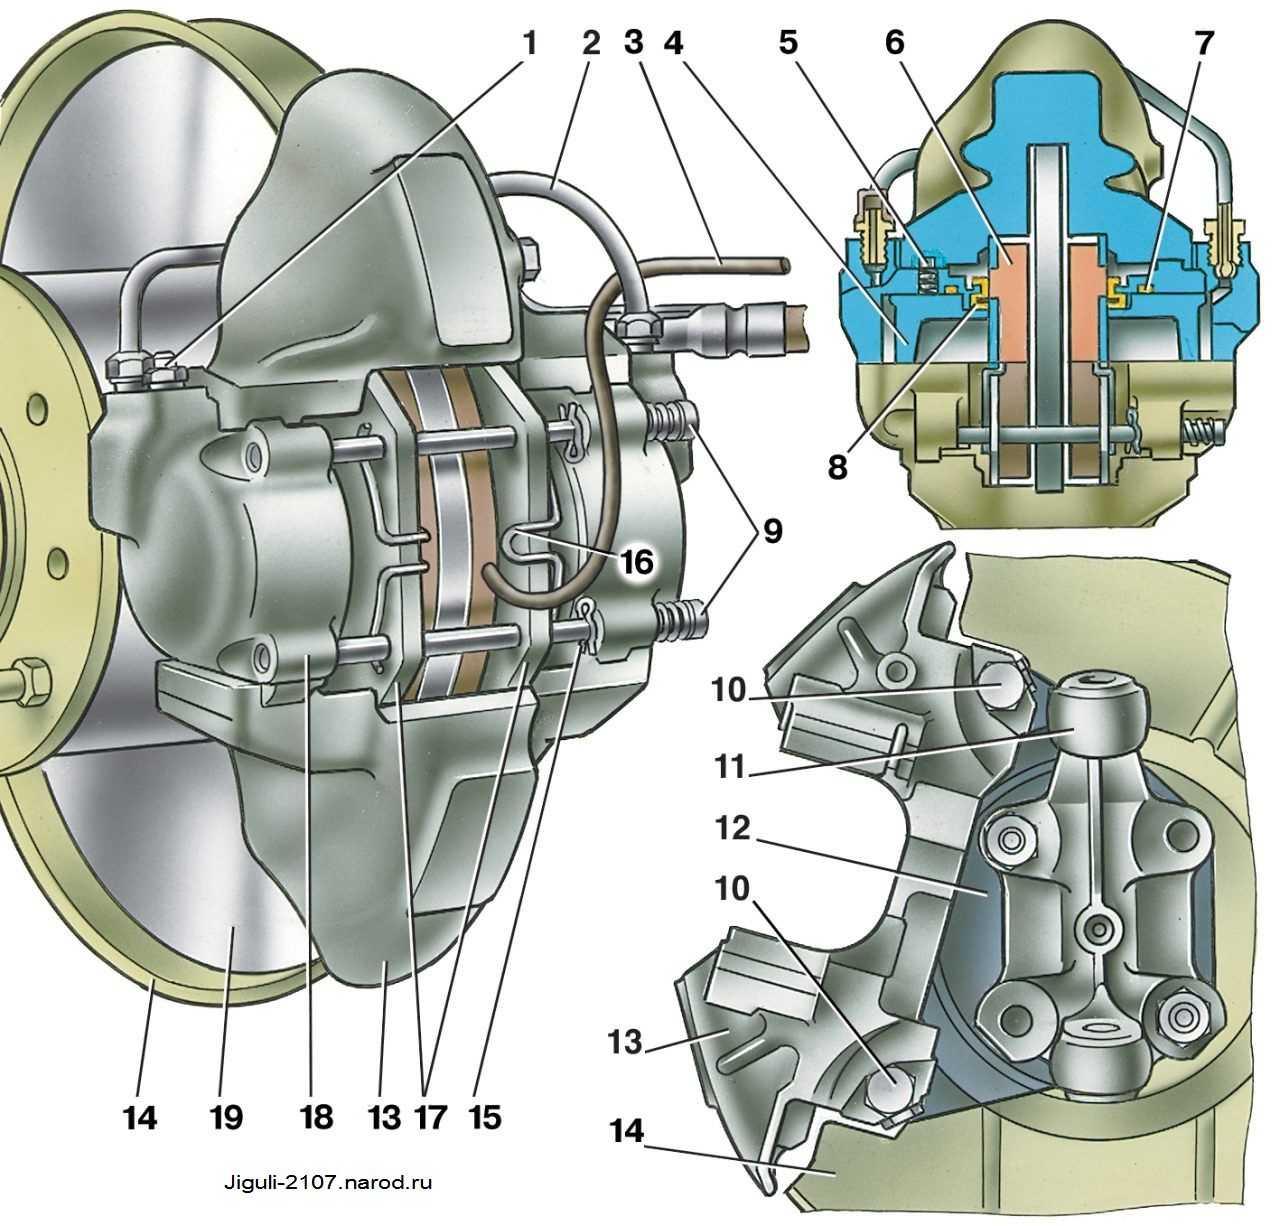 Тормозная система на ваз-2107 — что о ней нужно знать каждому владельцу семерки